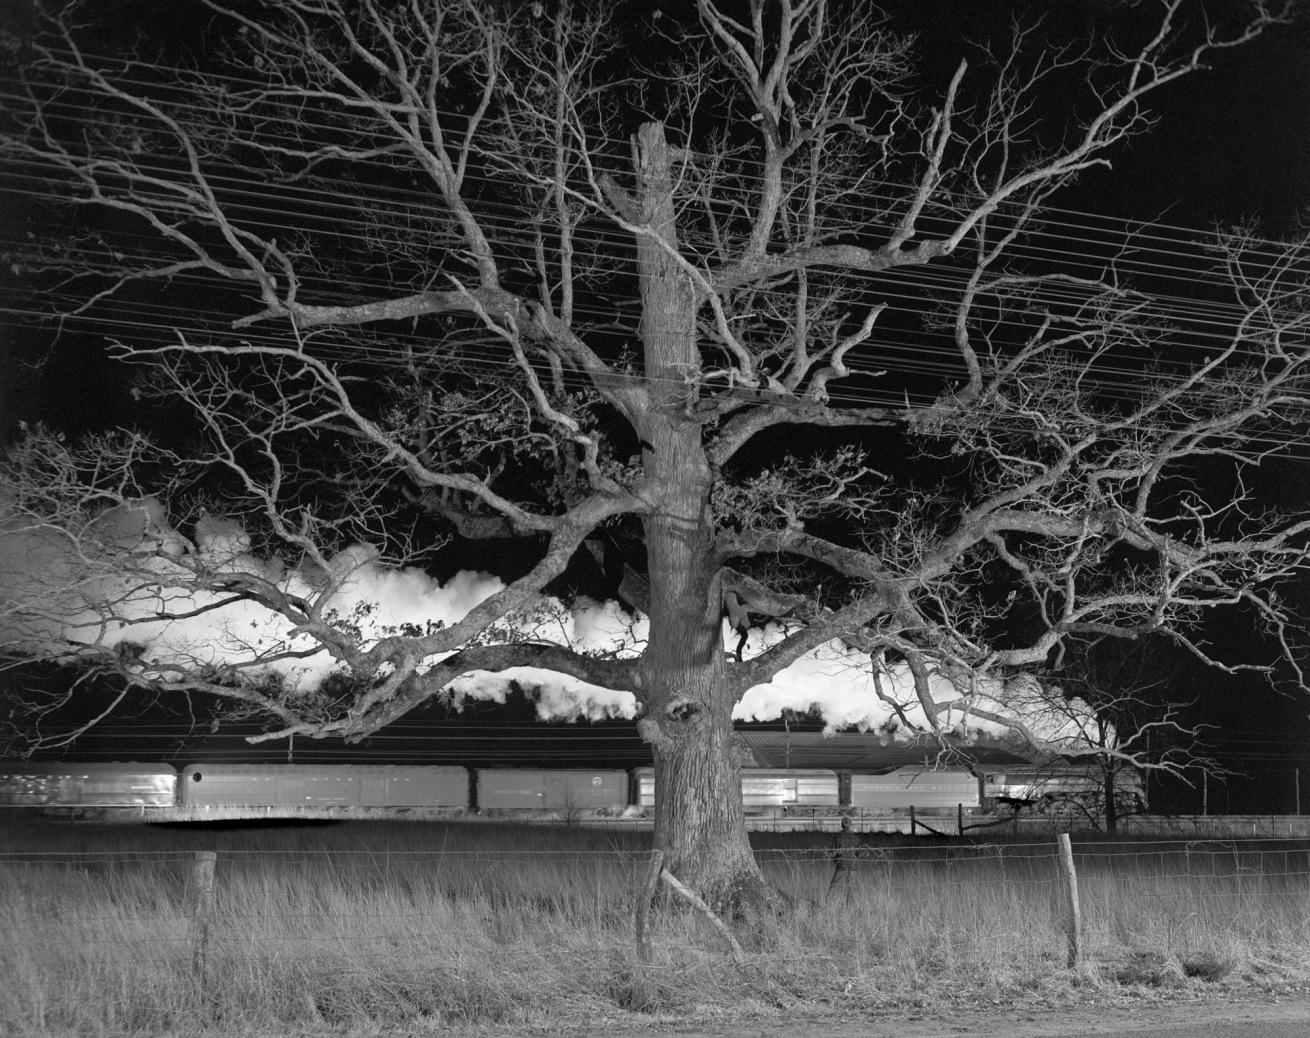 """Fotó: O. Winston Link: """"Giant Oak,"""" Max Meadows, Va., Dec. 30, 1957 © O. Winston Link / O. Winston Link Museum, Roanoke, Virginia"""